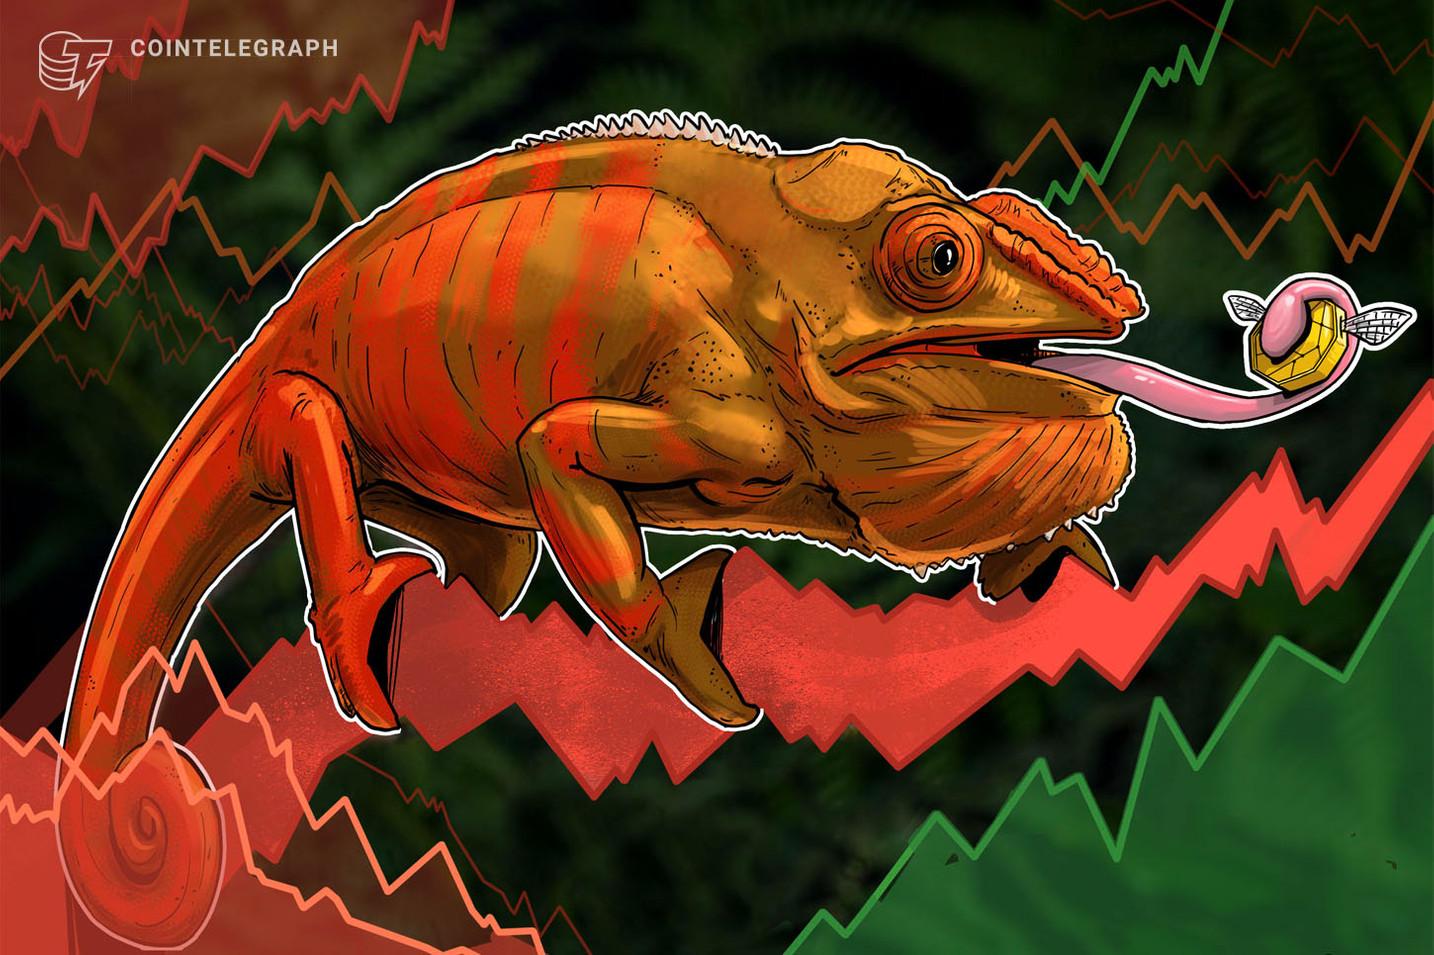 Kryptomärkte bewegen sich seitwärts, Ölmarkt verliert leicht